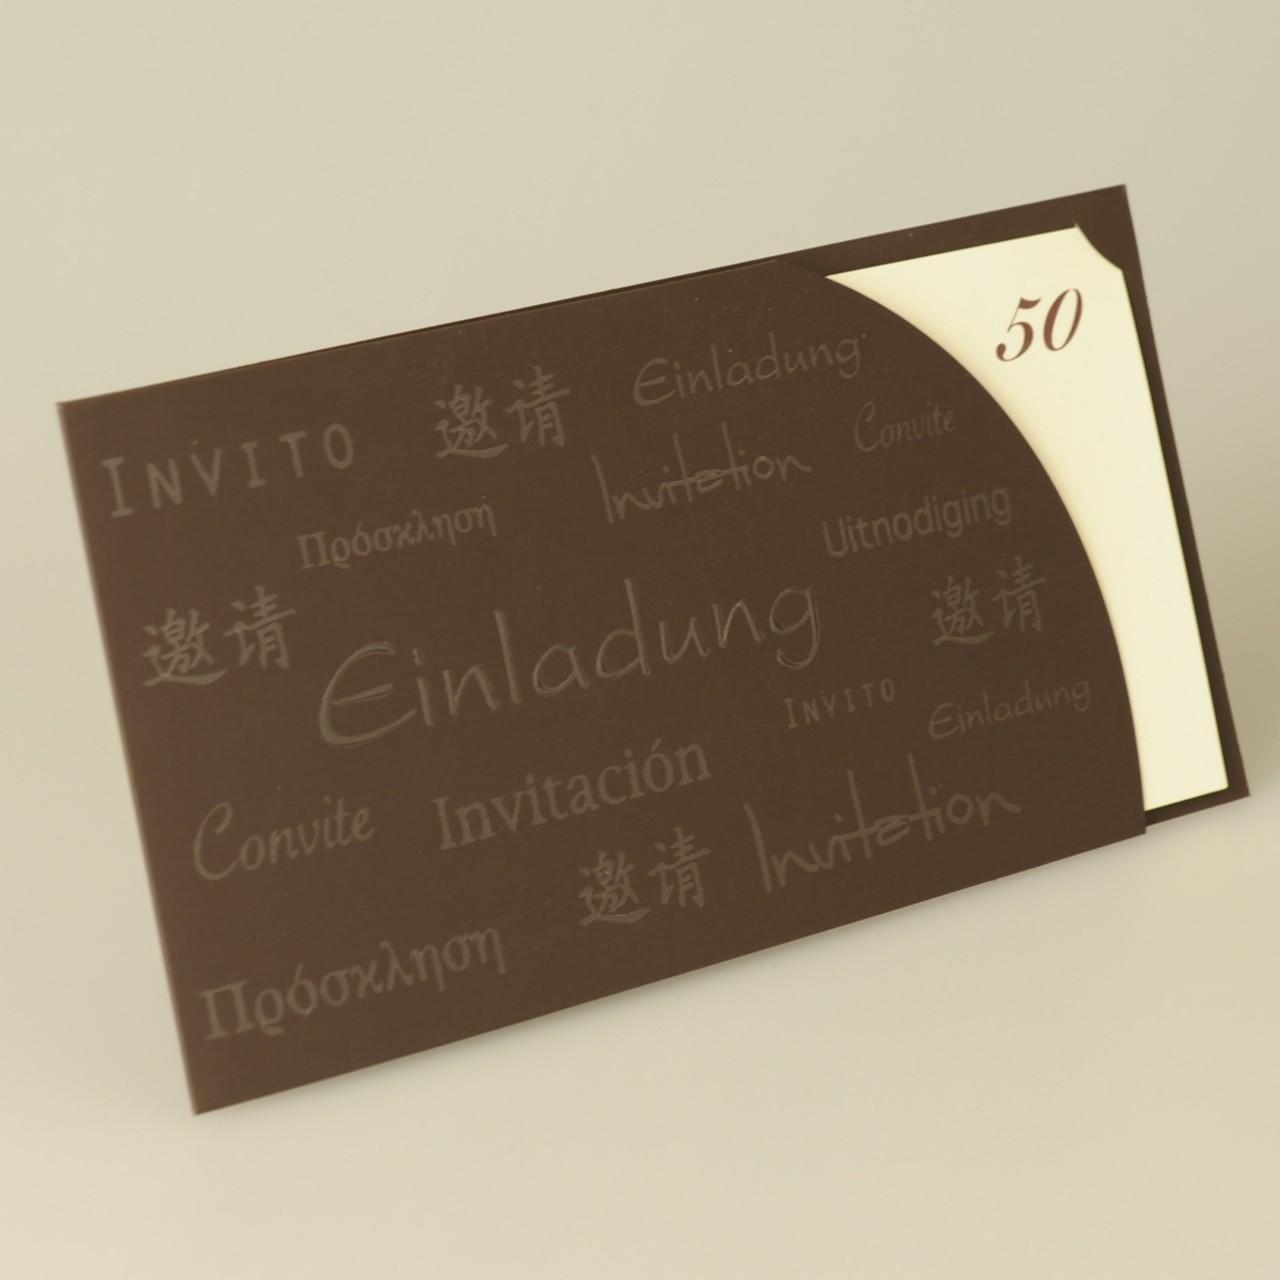 Dunkelbraune Karte mit Folienprägung auf der Vorderseite.